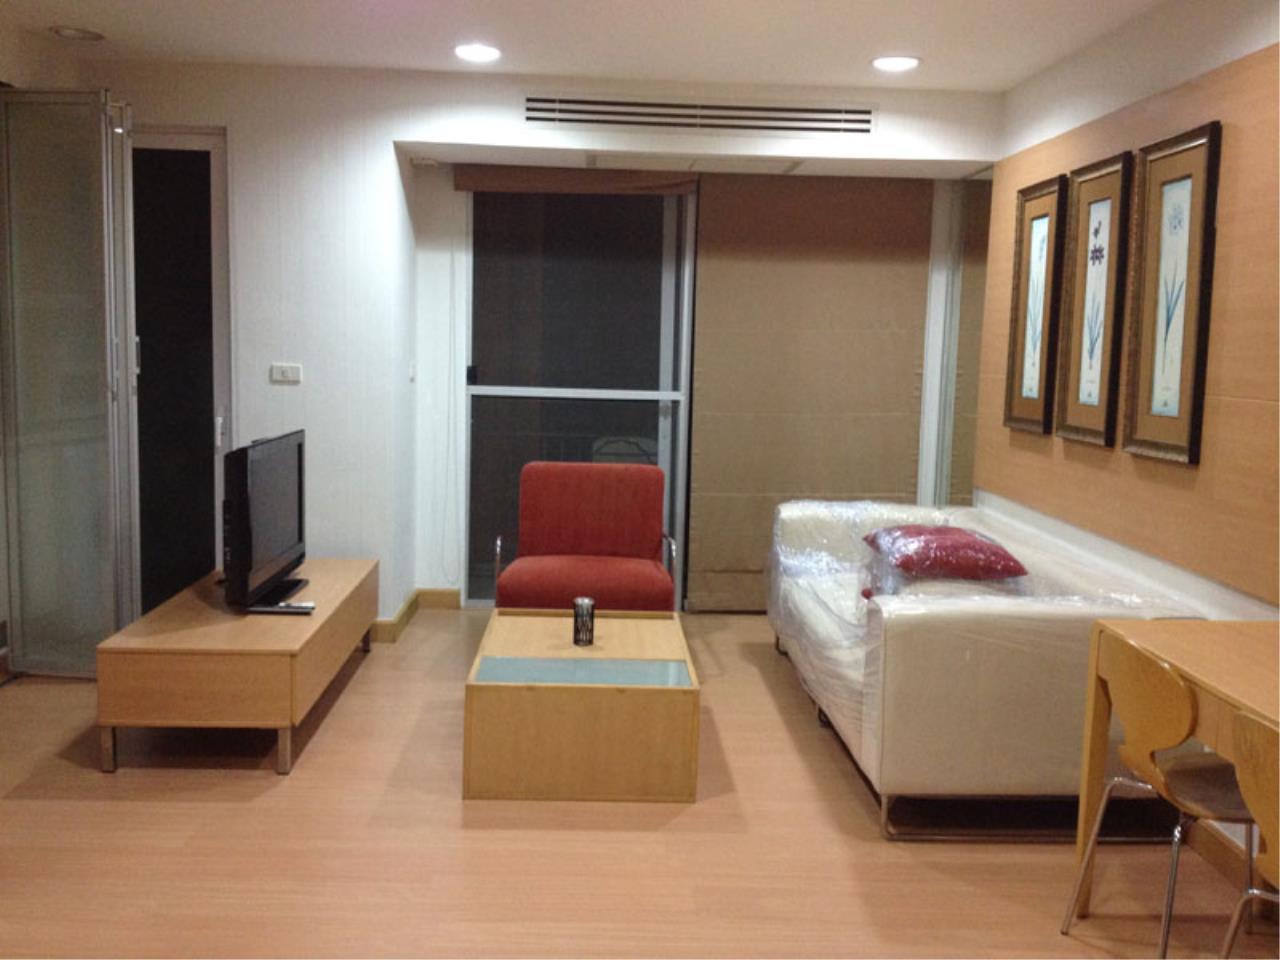 BKK Condos Agency's Two bedroom condo for rent at The Bangkok Sab Road  2